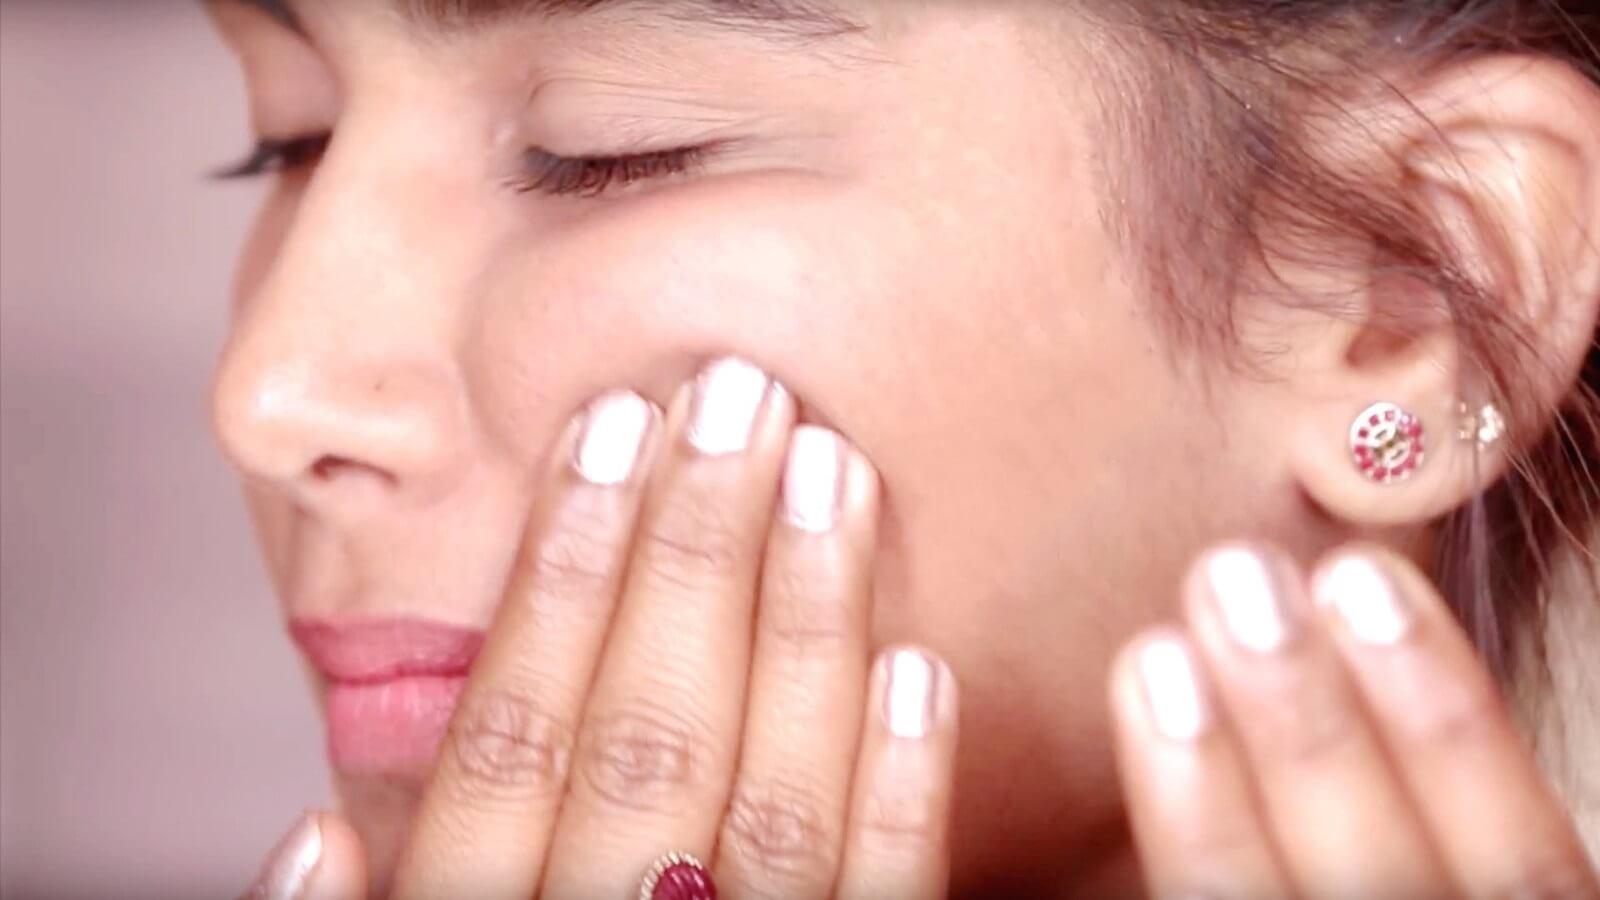 nâng gò má cũng giúp cải thiện chống lão hóa da mắt hiệu quả